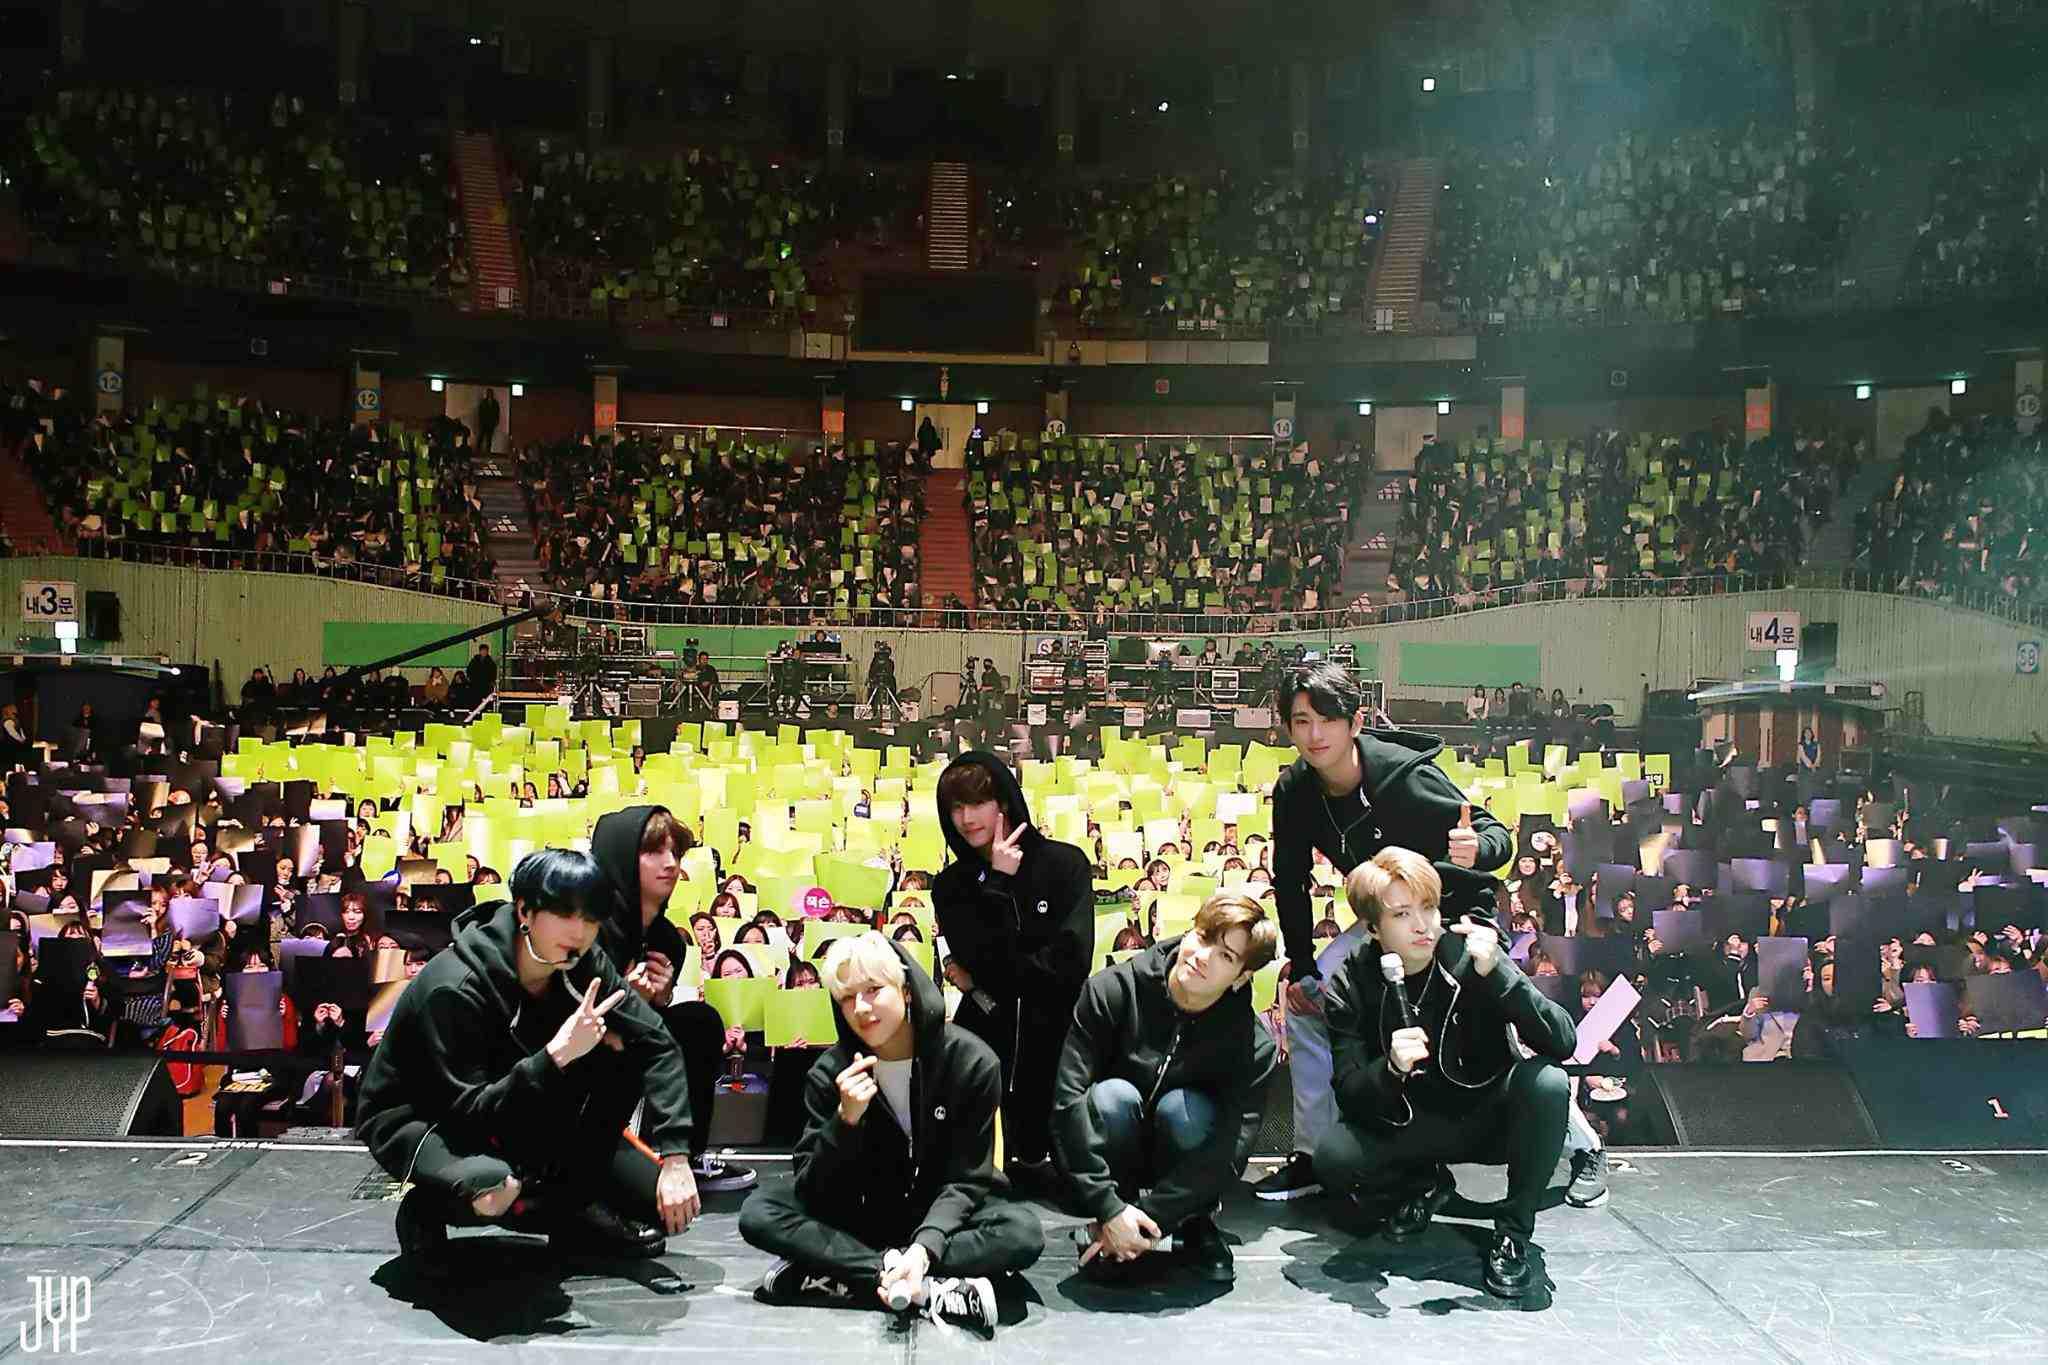 而前陣子也傳出GOT7即將以多樣化的方式進行活動,像是由JB和珍榮組成的「JJ Project」回歸韓國歌壇,其他成員們也會陸續展開SOLO活動,Jackson更會在中國發表SOLO專輯,展現出GOT7多方面的能力